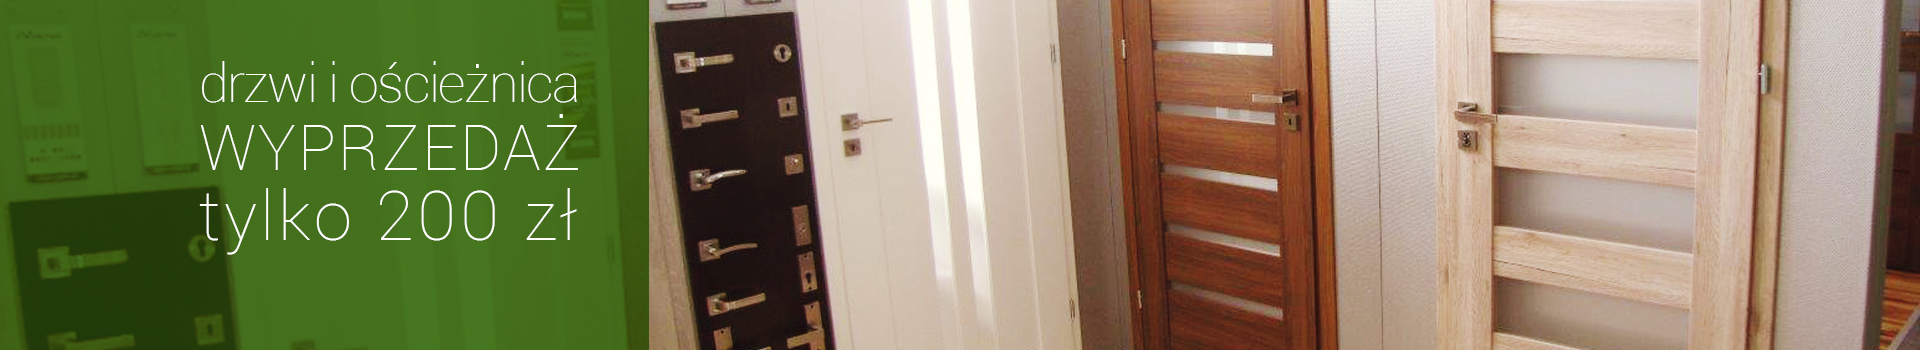 drzwi-za-200zl